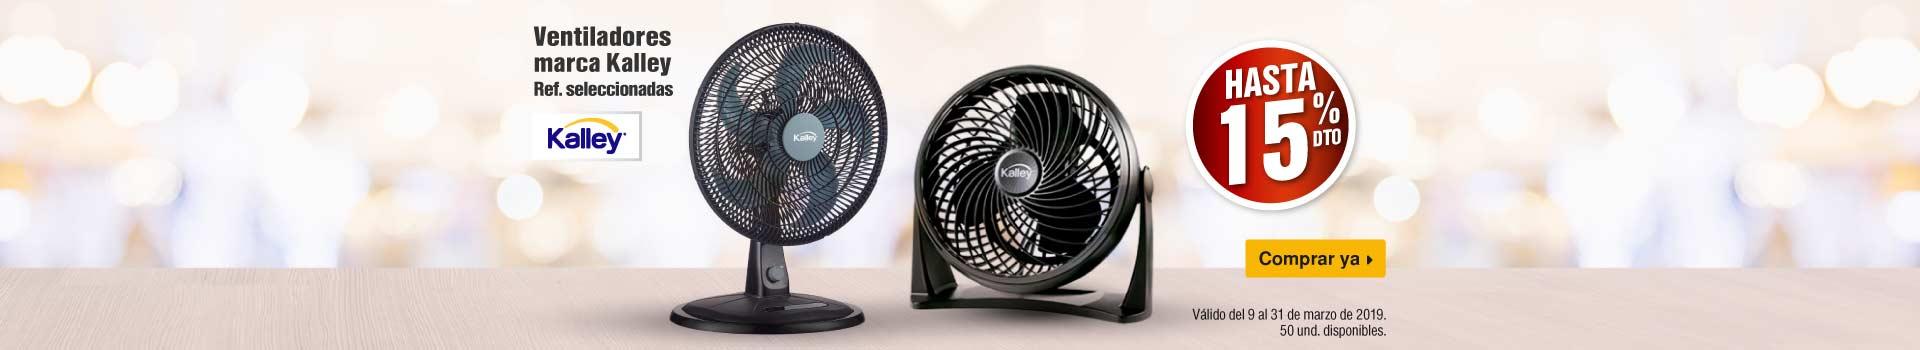 AK-KT-mayores-3-ELECT-BCAT-climatizacion-kalley-060319